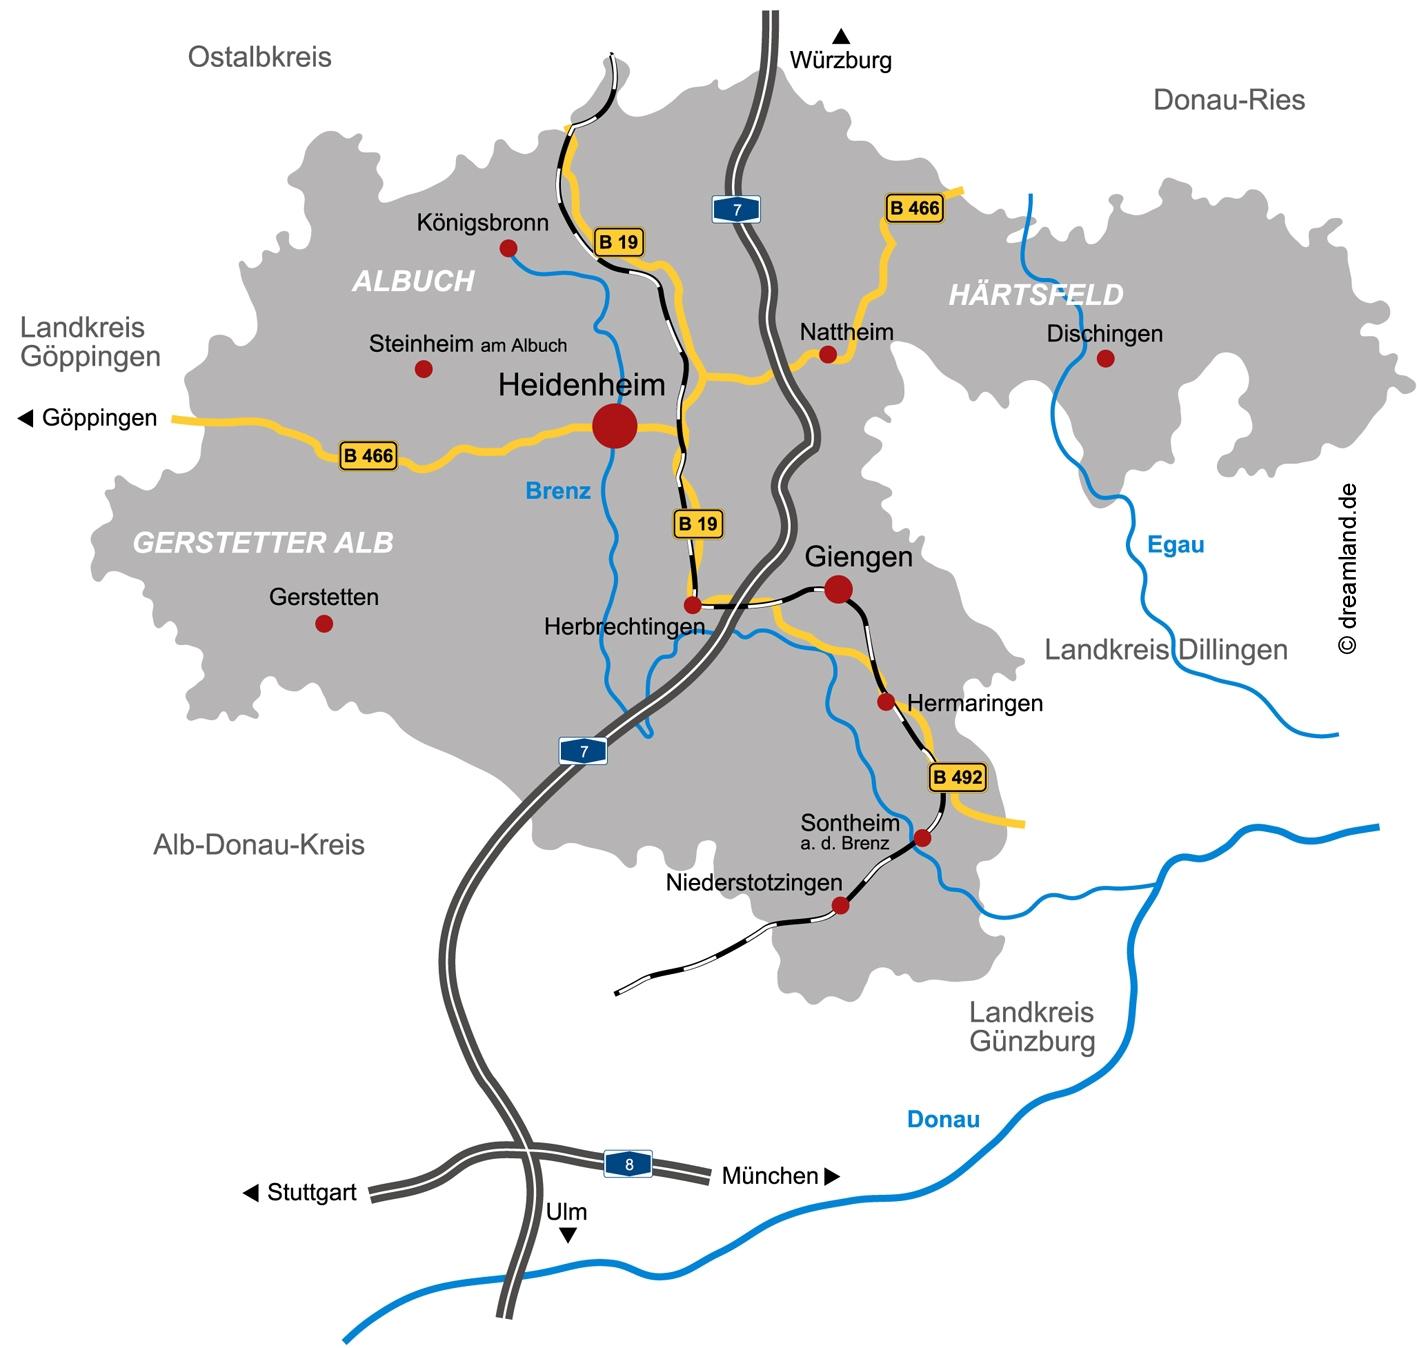 Landkreiskarte Agentur Dreamland 11-2009